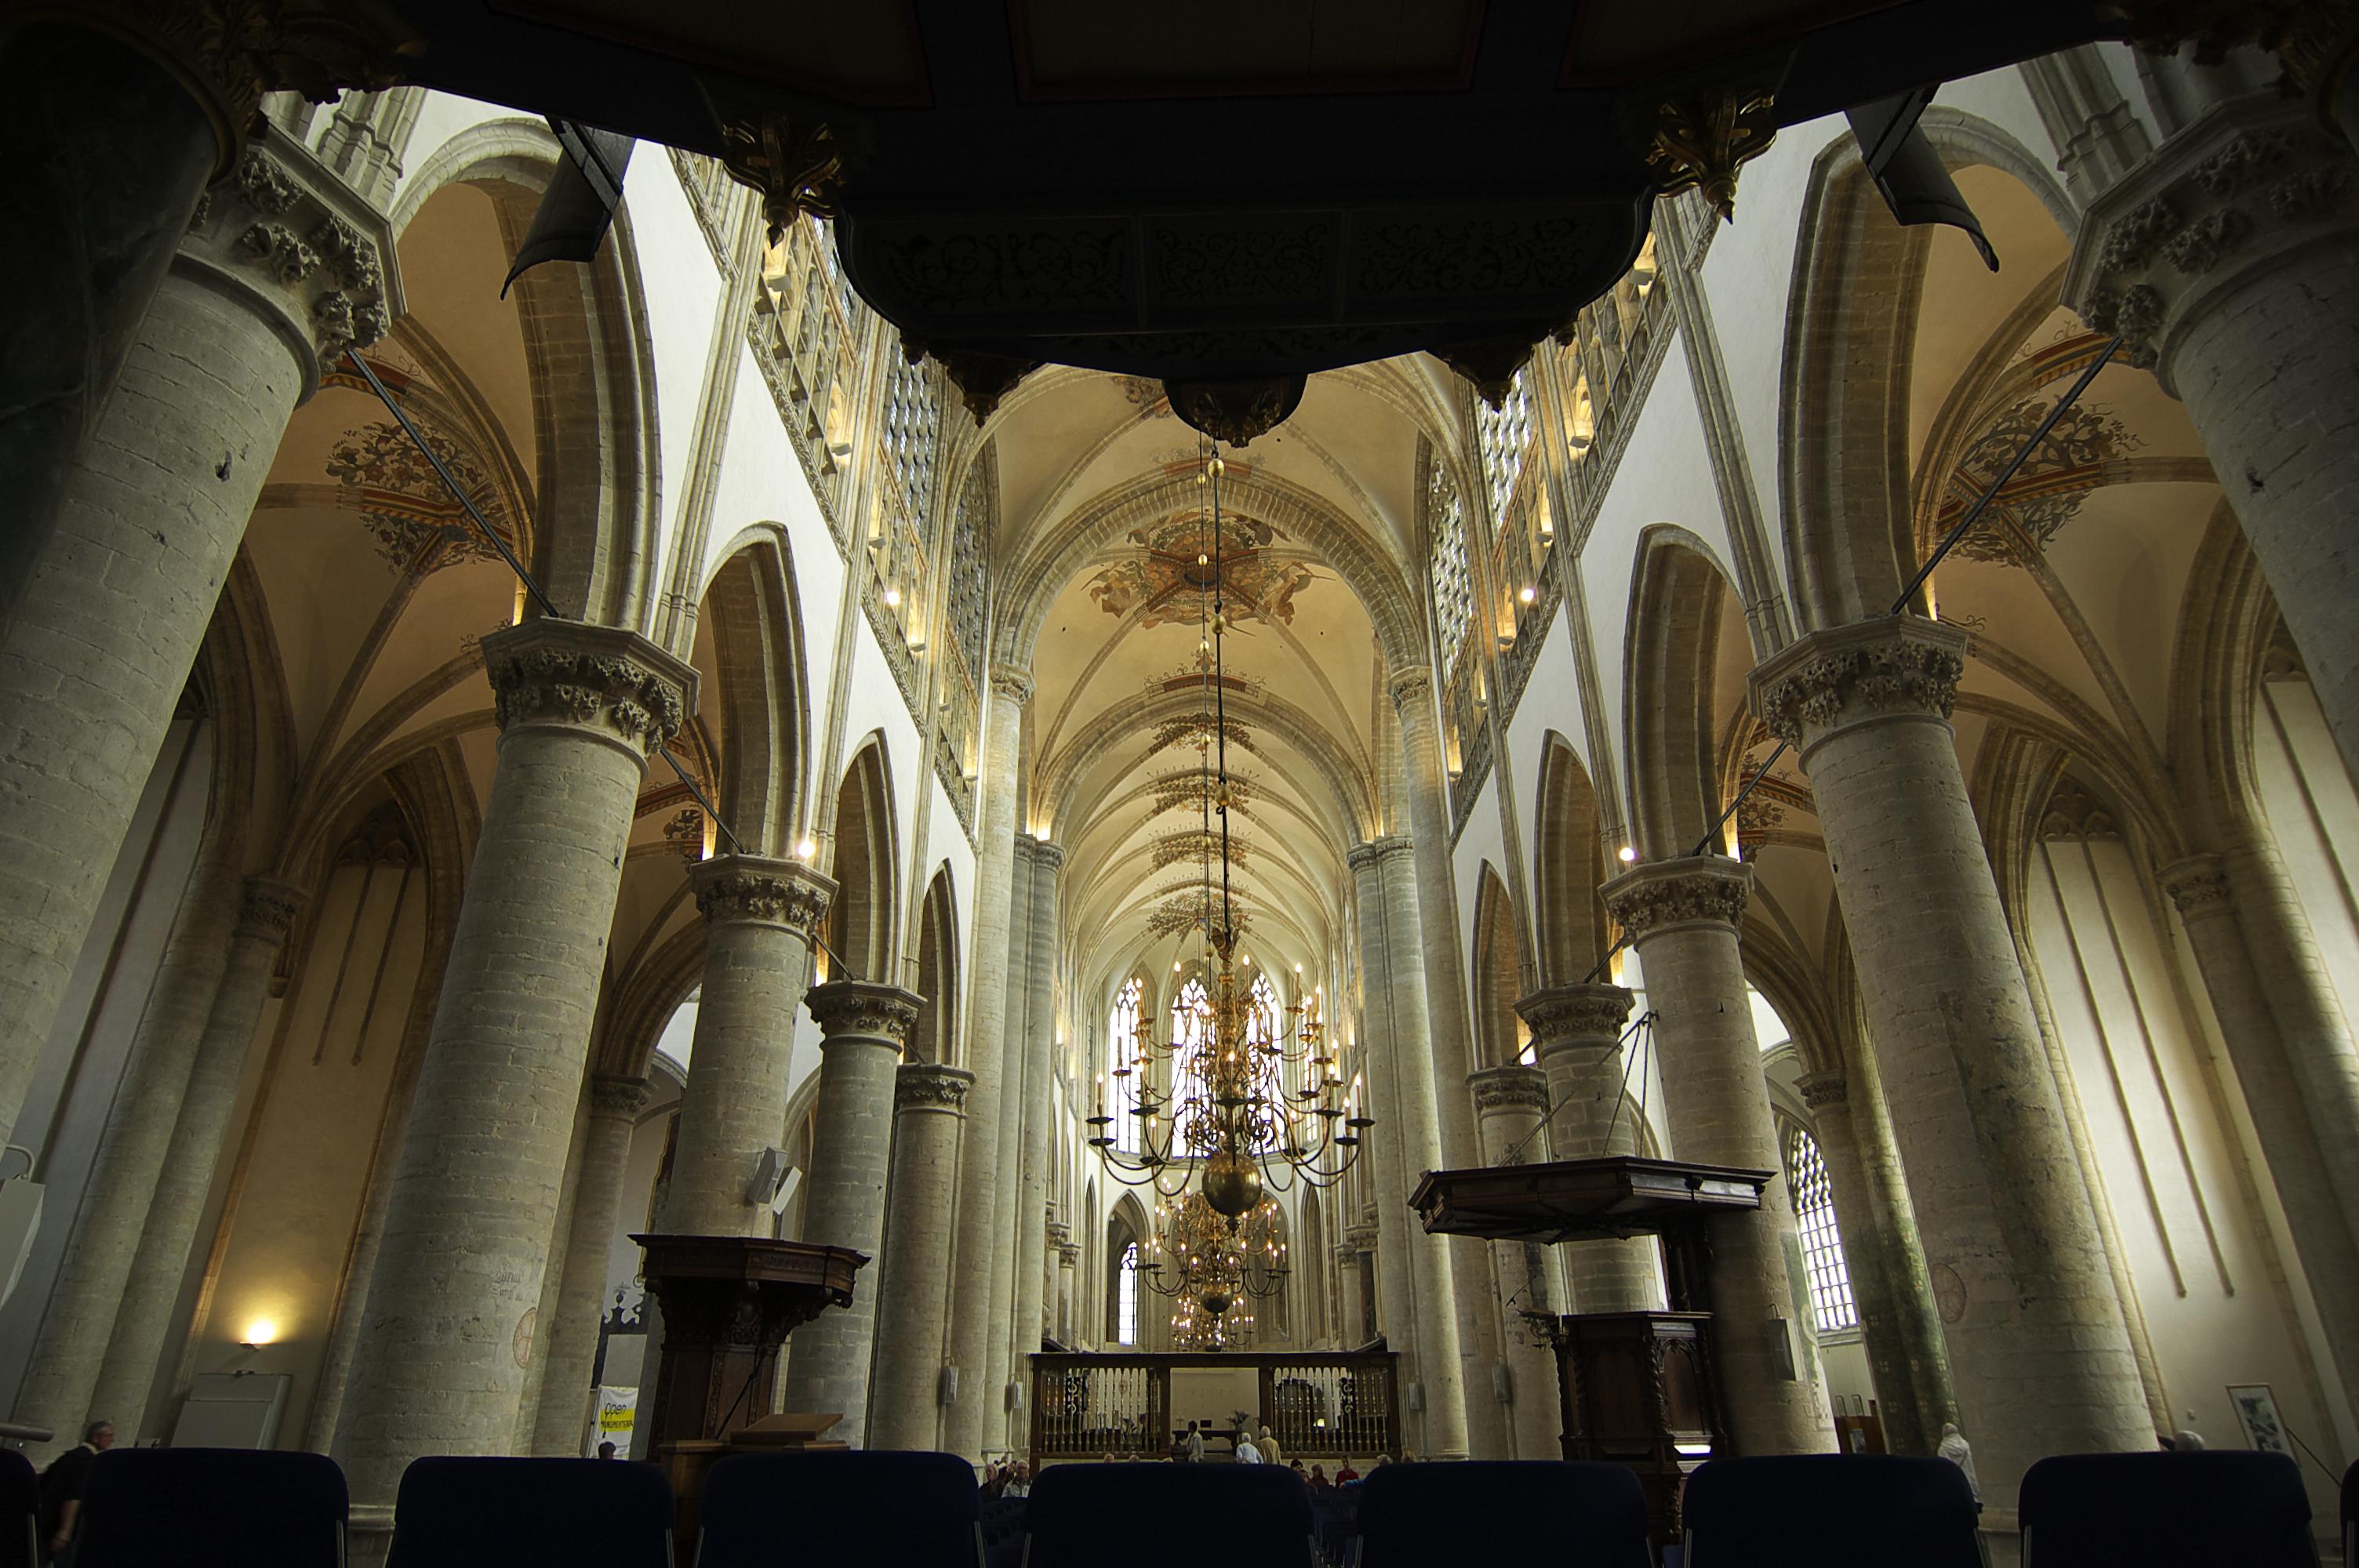 Restauratie Grote Kerk Breda mogelijk duurder door brexit